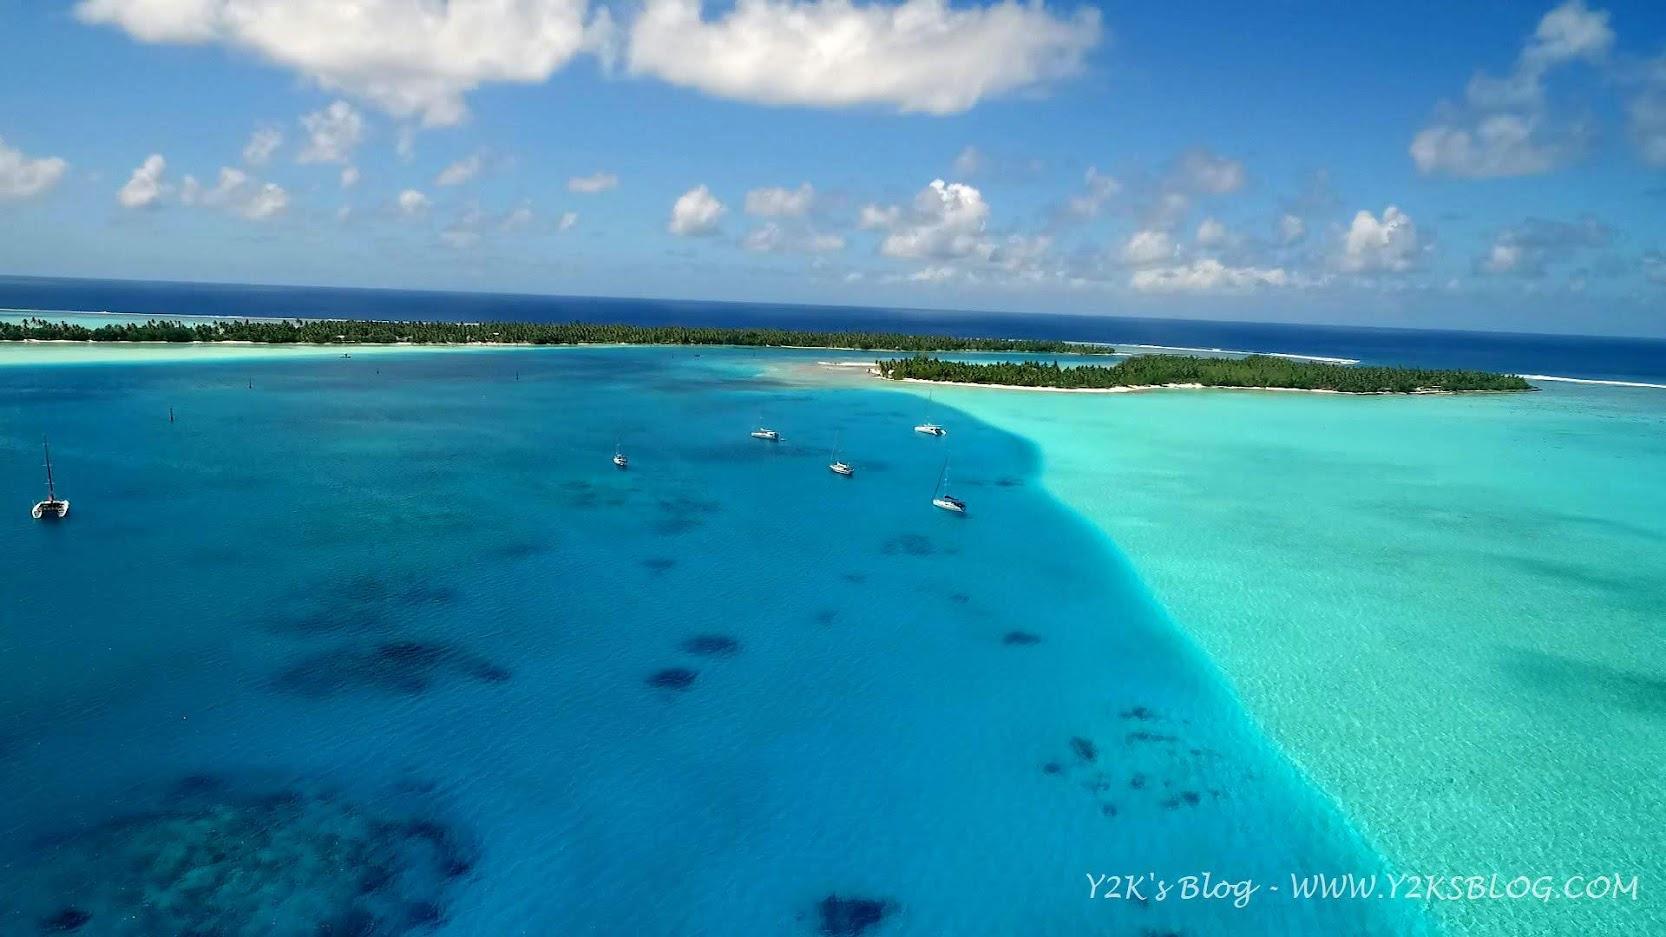 Drone View - Ancoraggio Sud e pass sullo sfondo.